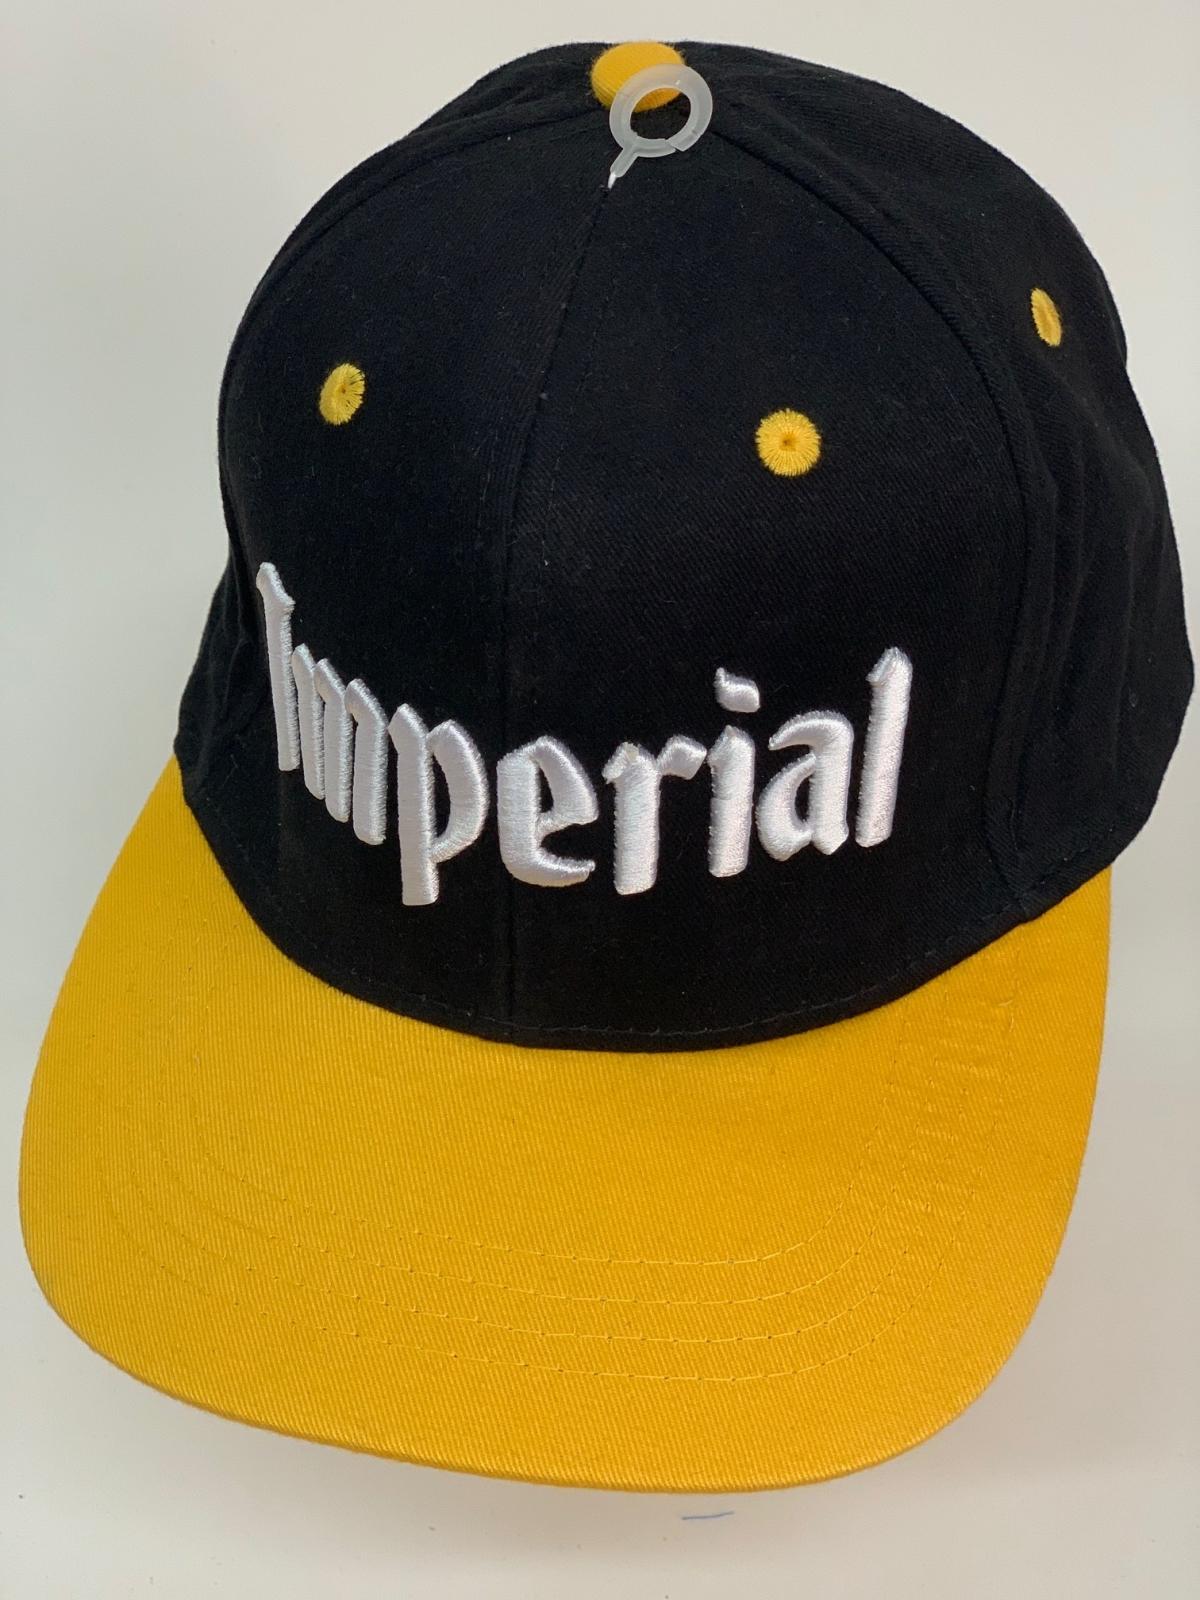 Бейсболка Imperial черного цвета с желтым козырьком